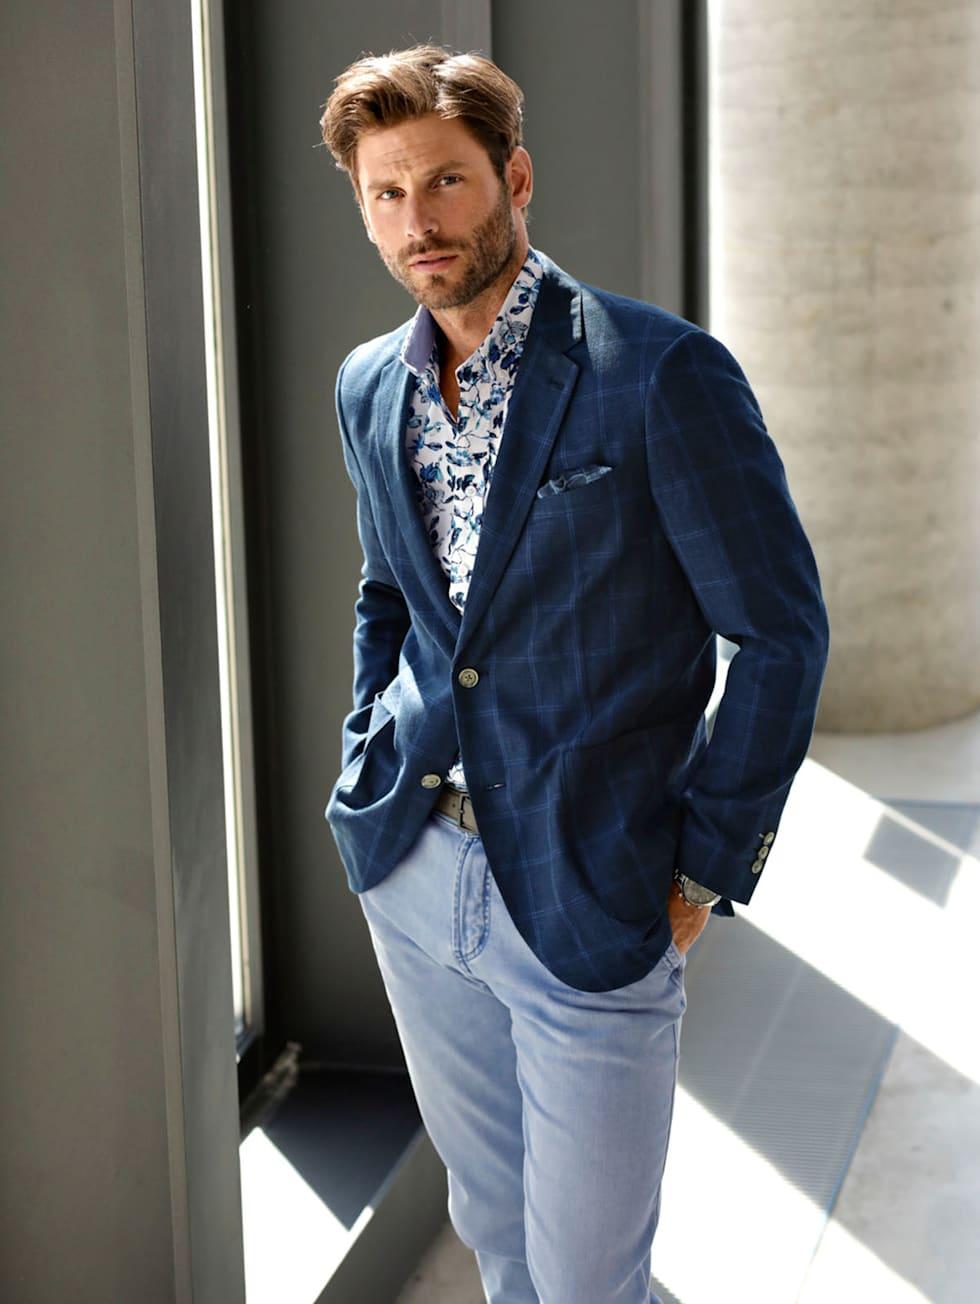 Blue-Outfit: Sommer-Leinensakko in Dunkelblau kombiniert mit hellblauer Jeans und buntem Hemd